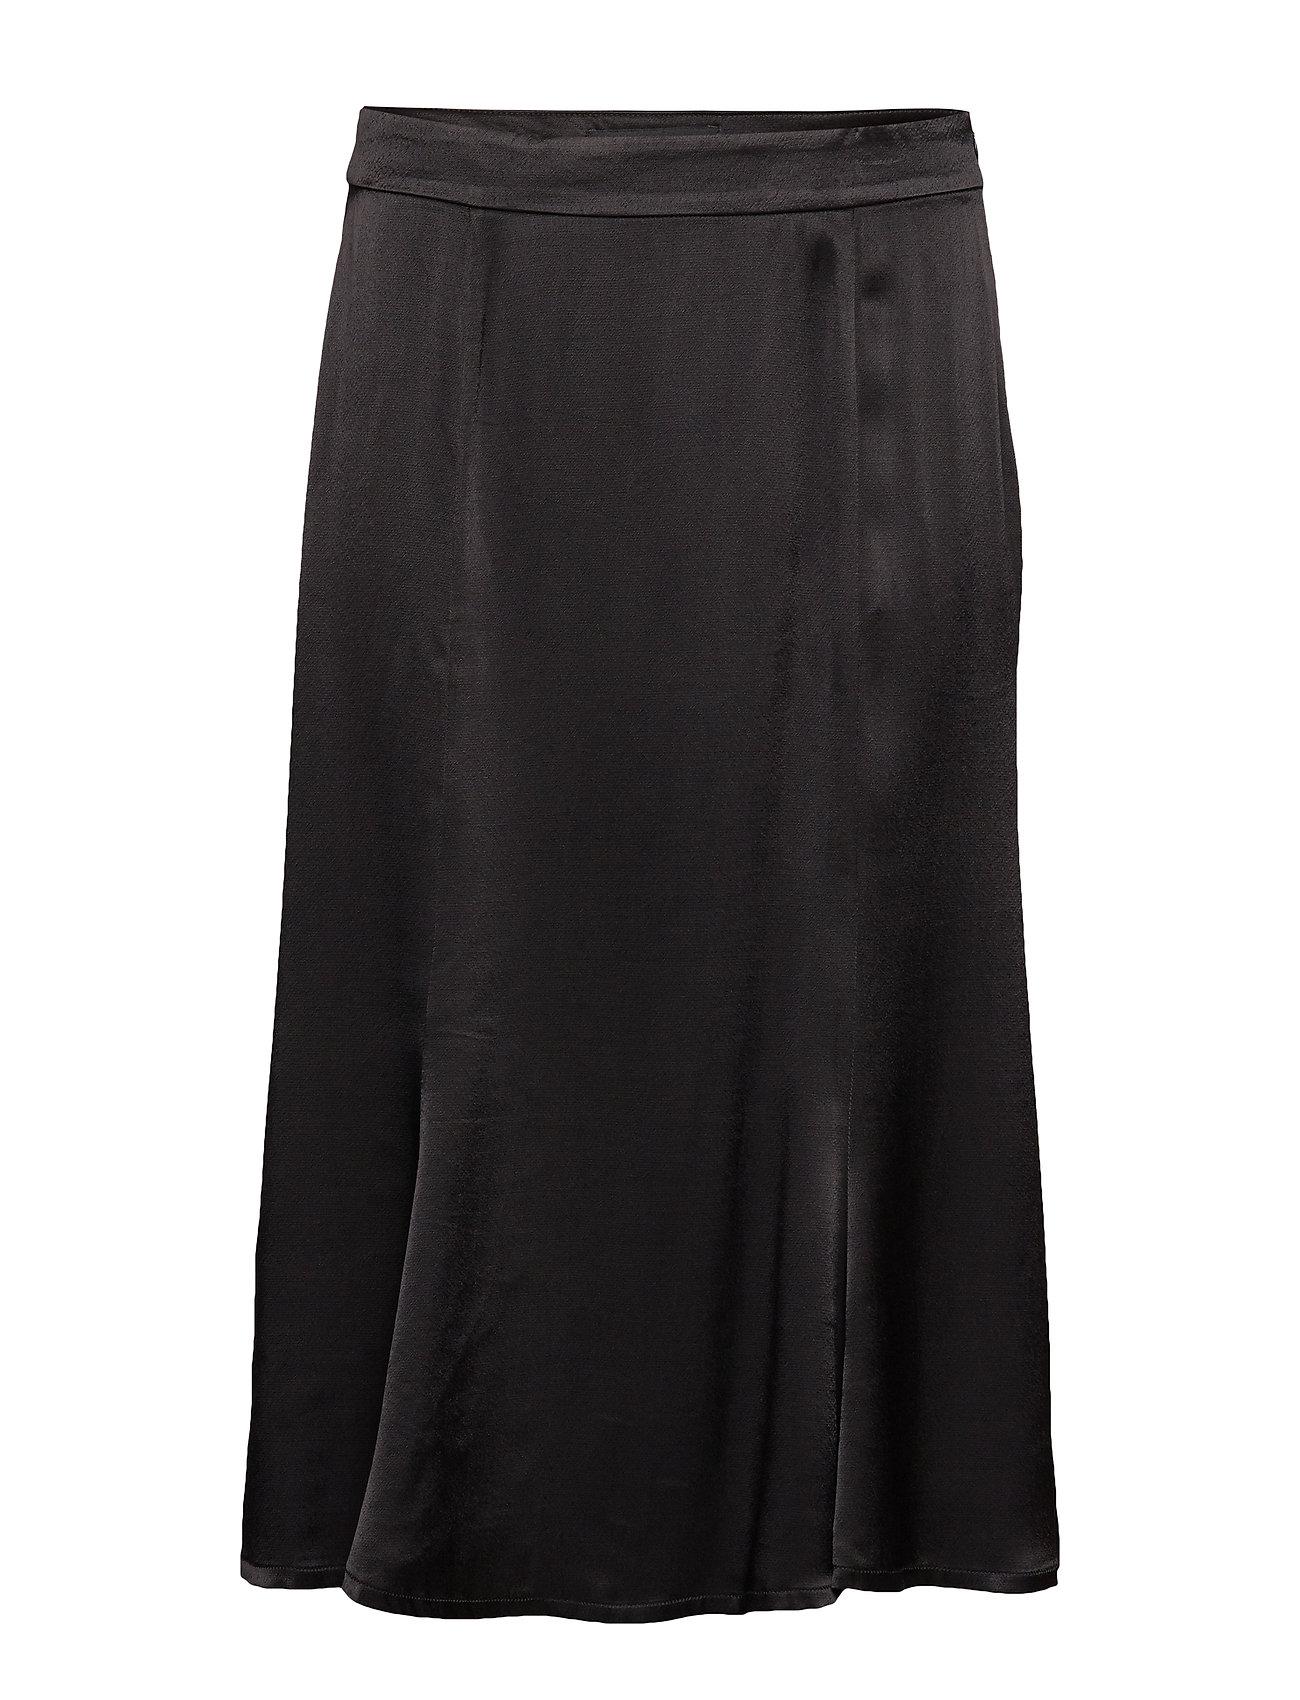 Soft Rebels Killa Skirt - BLACK